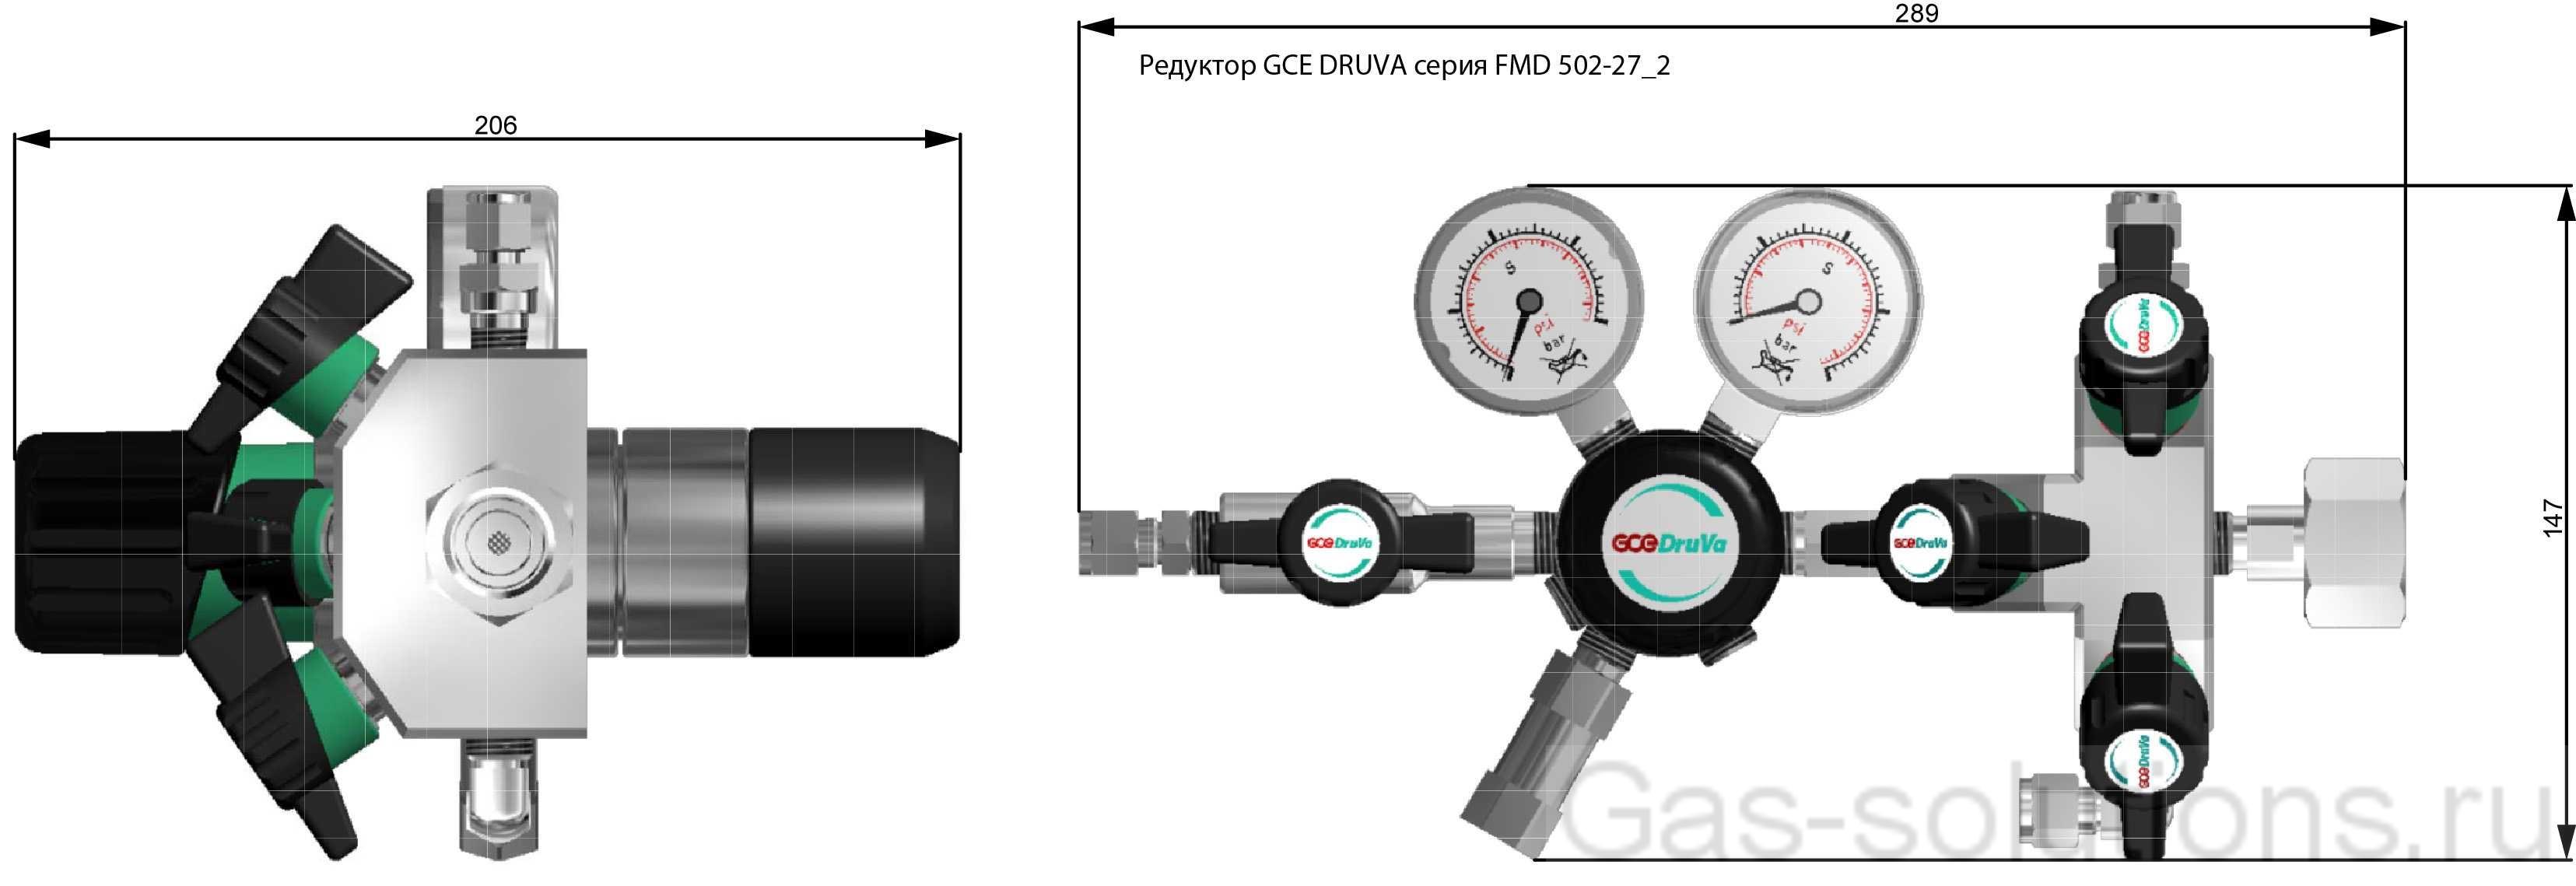 Редуктор GCE DRUVA серия FMD 502-27_2